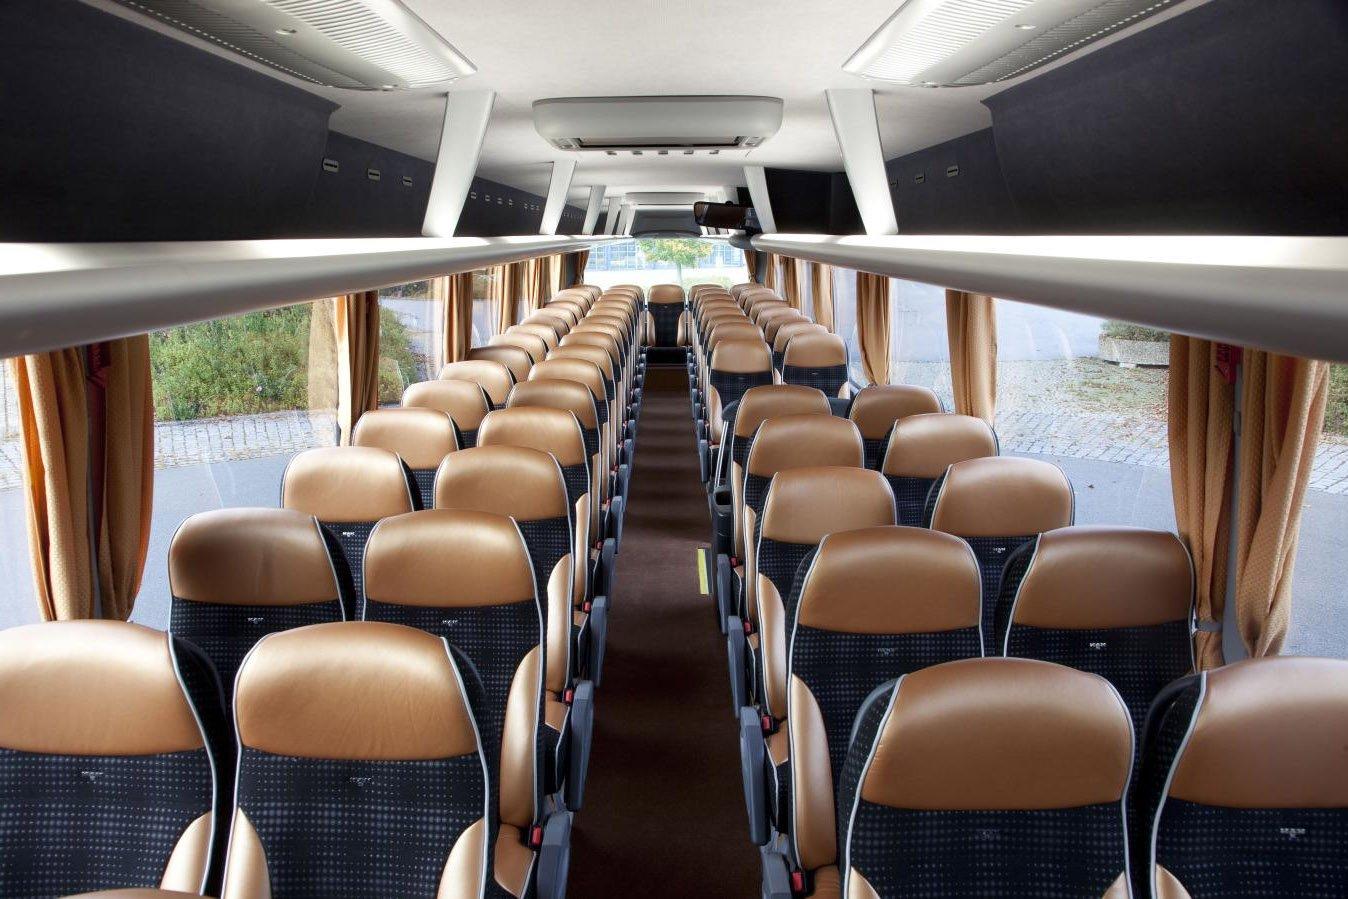 этом фото экскурсионных автобусов внутри можете